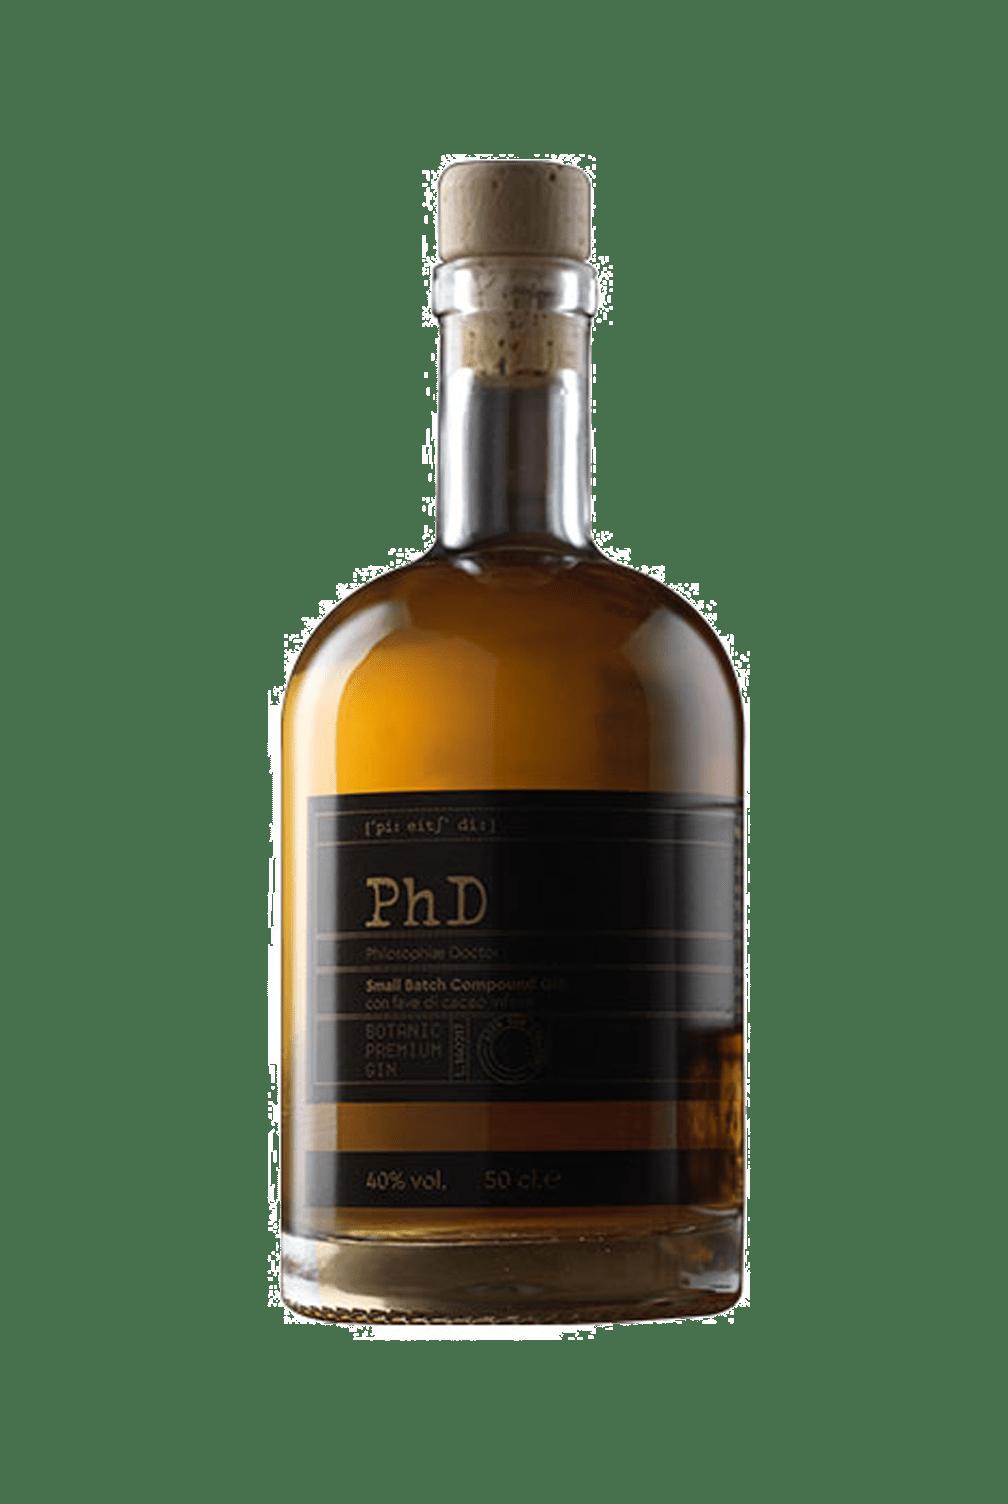 PhD Gin